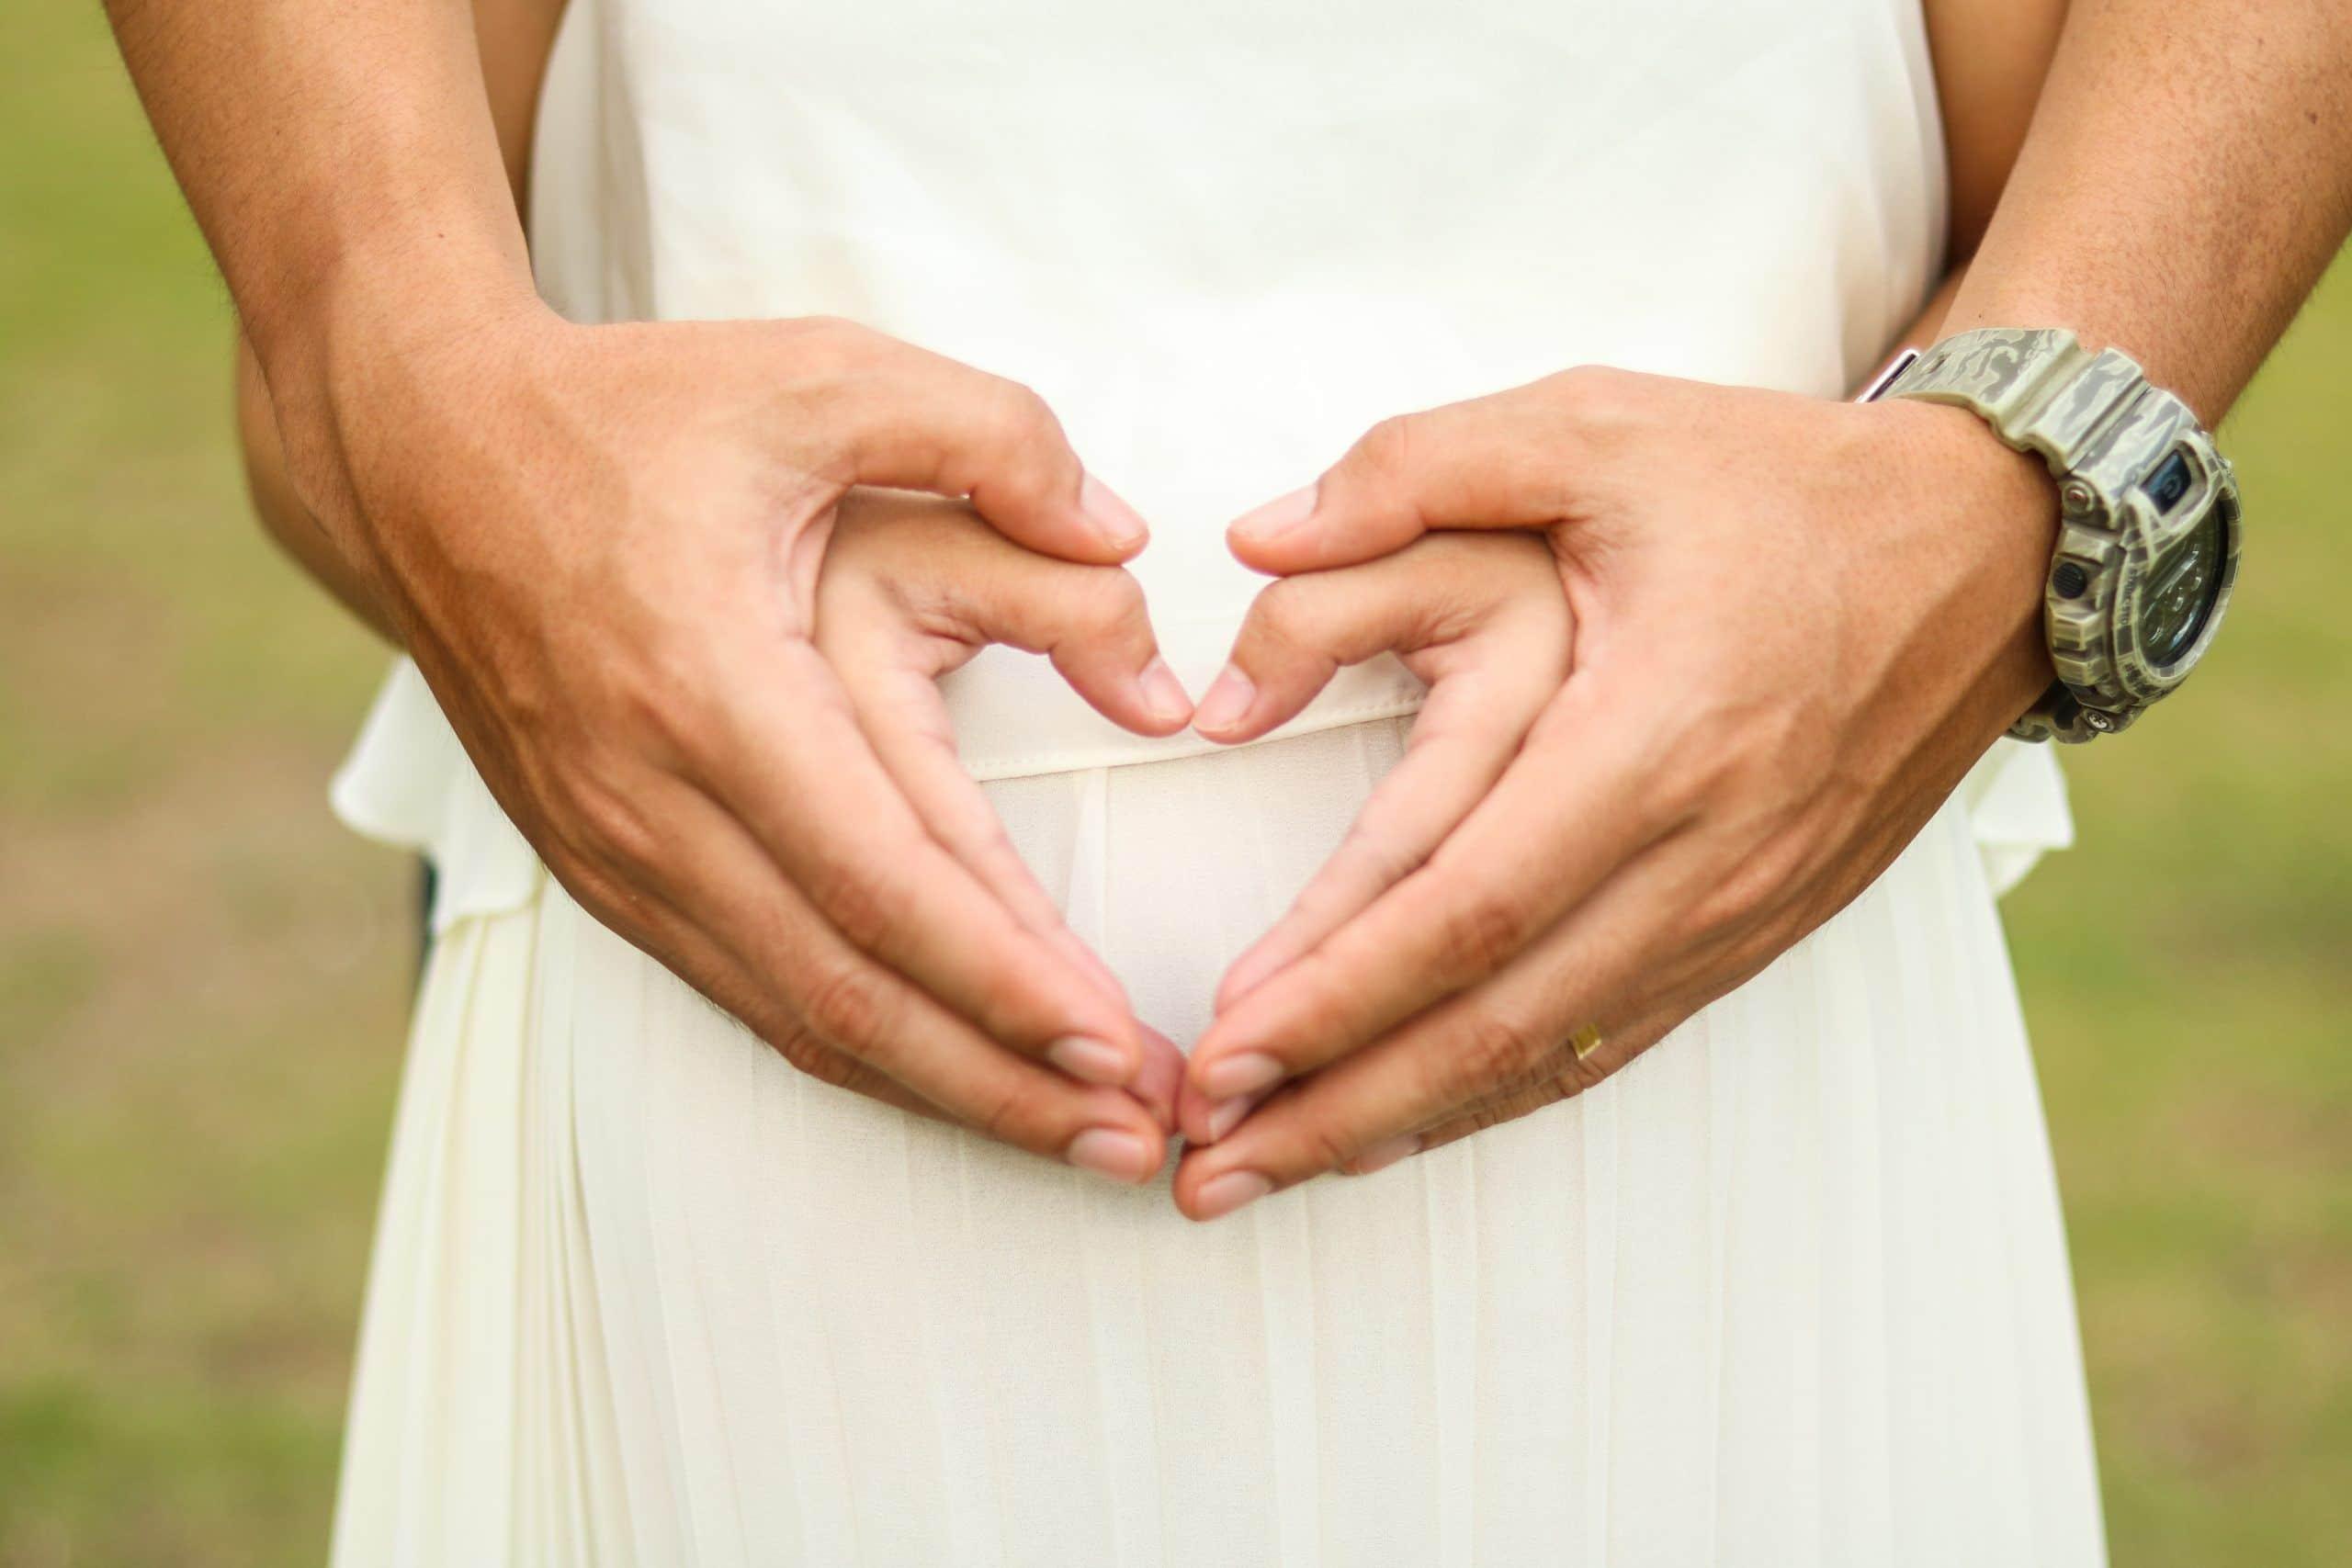 ¿Estáis buscando embarazo? Las 8 claves imprescindibles antes de la concepción.